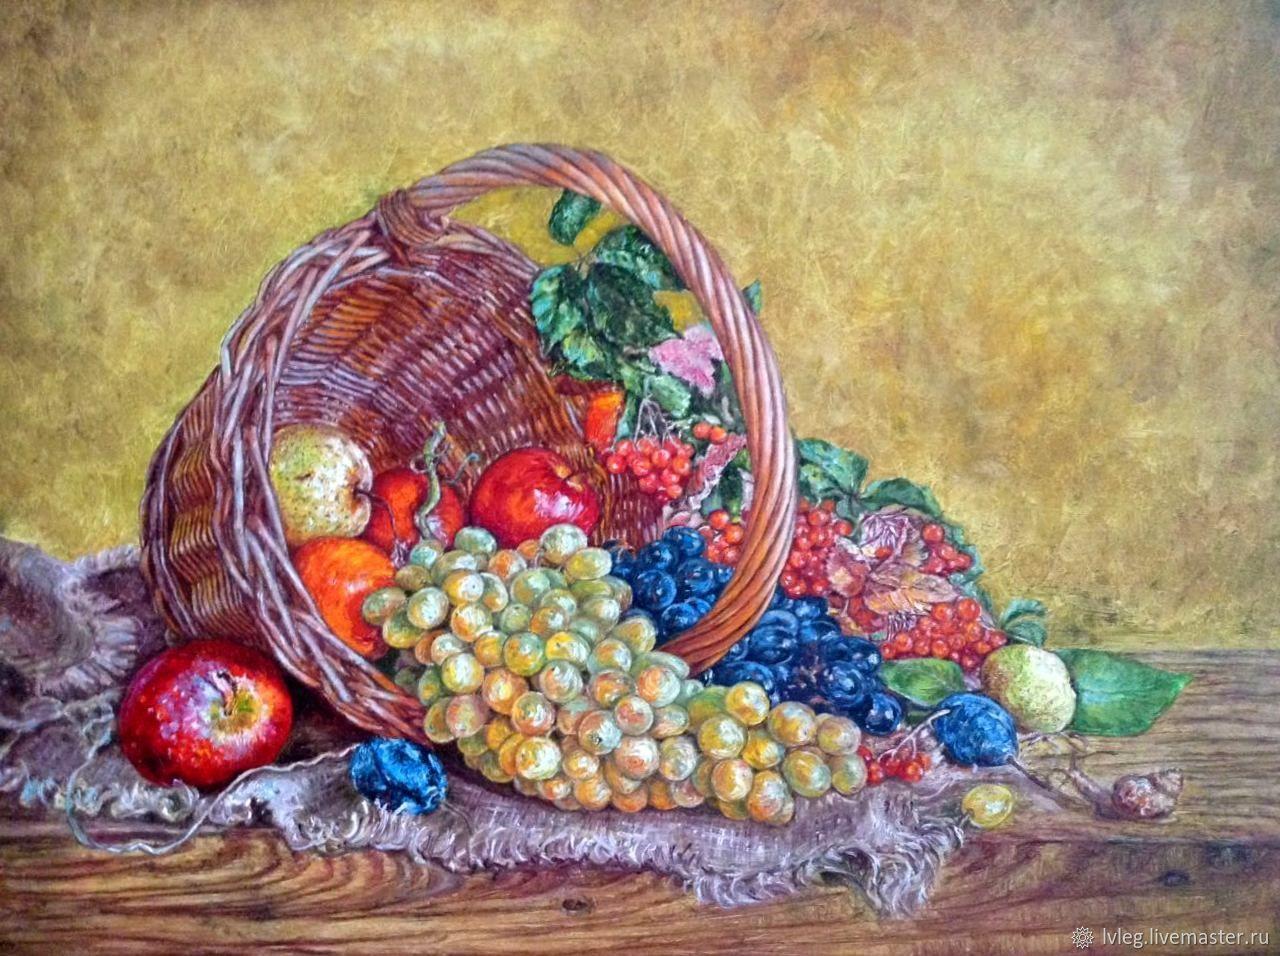 """Картина маслом """"Улитка и виноград"""". холст корзина фрукты, Pictures, Chelyabinsk,  Фото №1"""